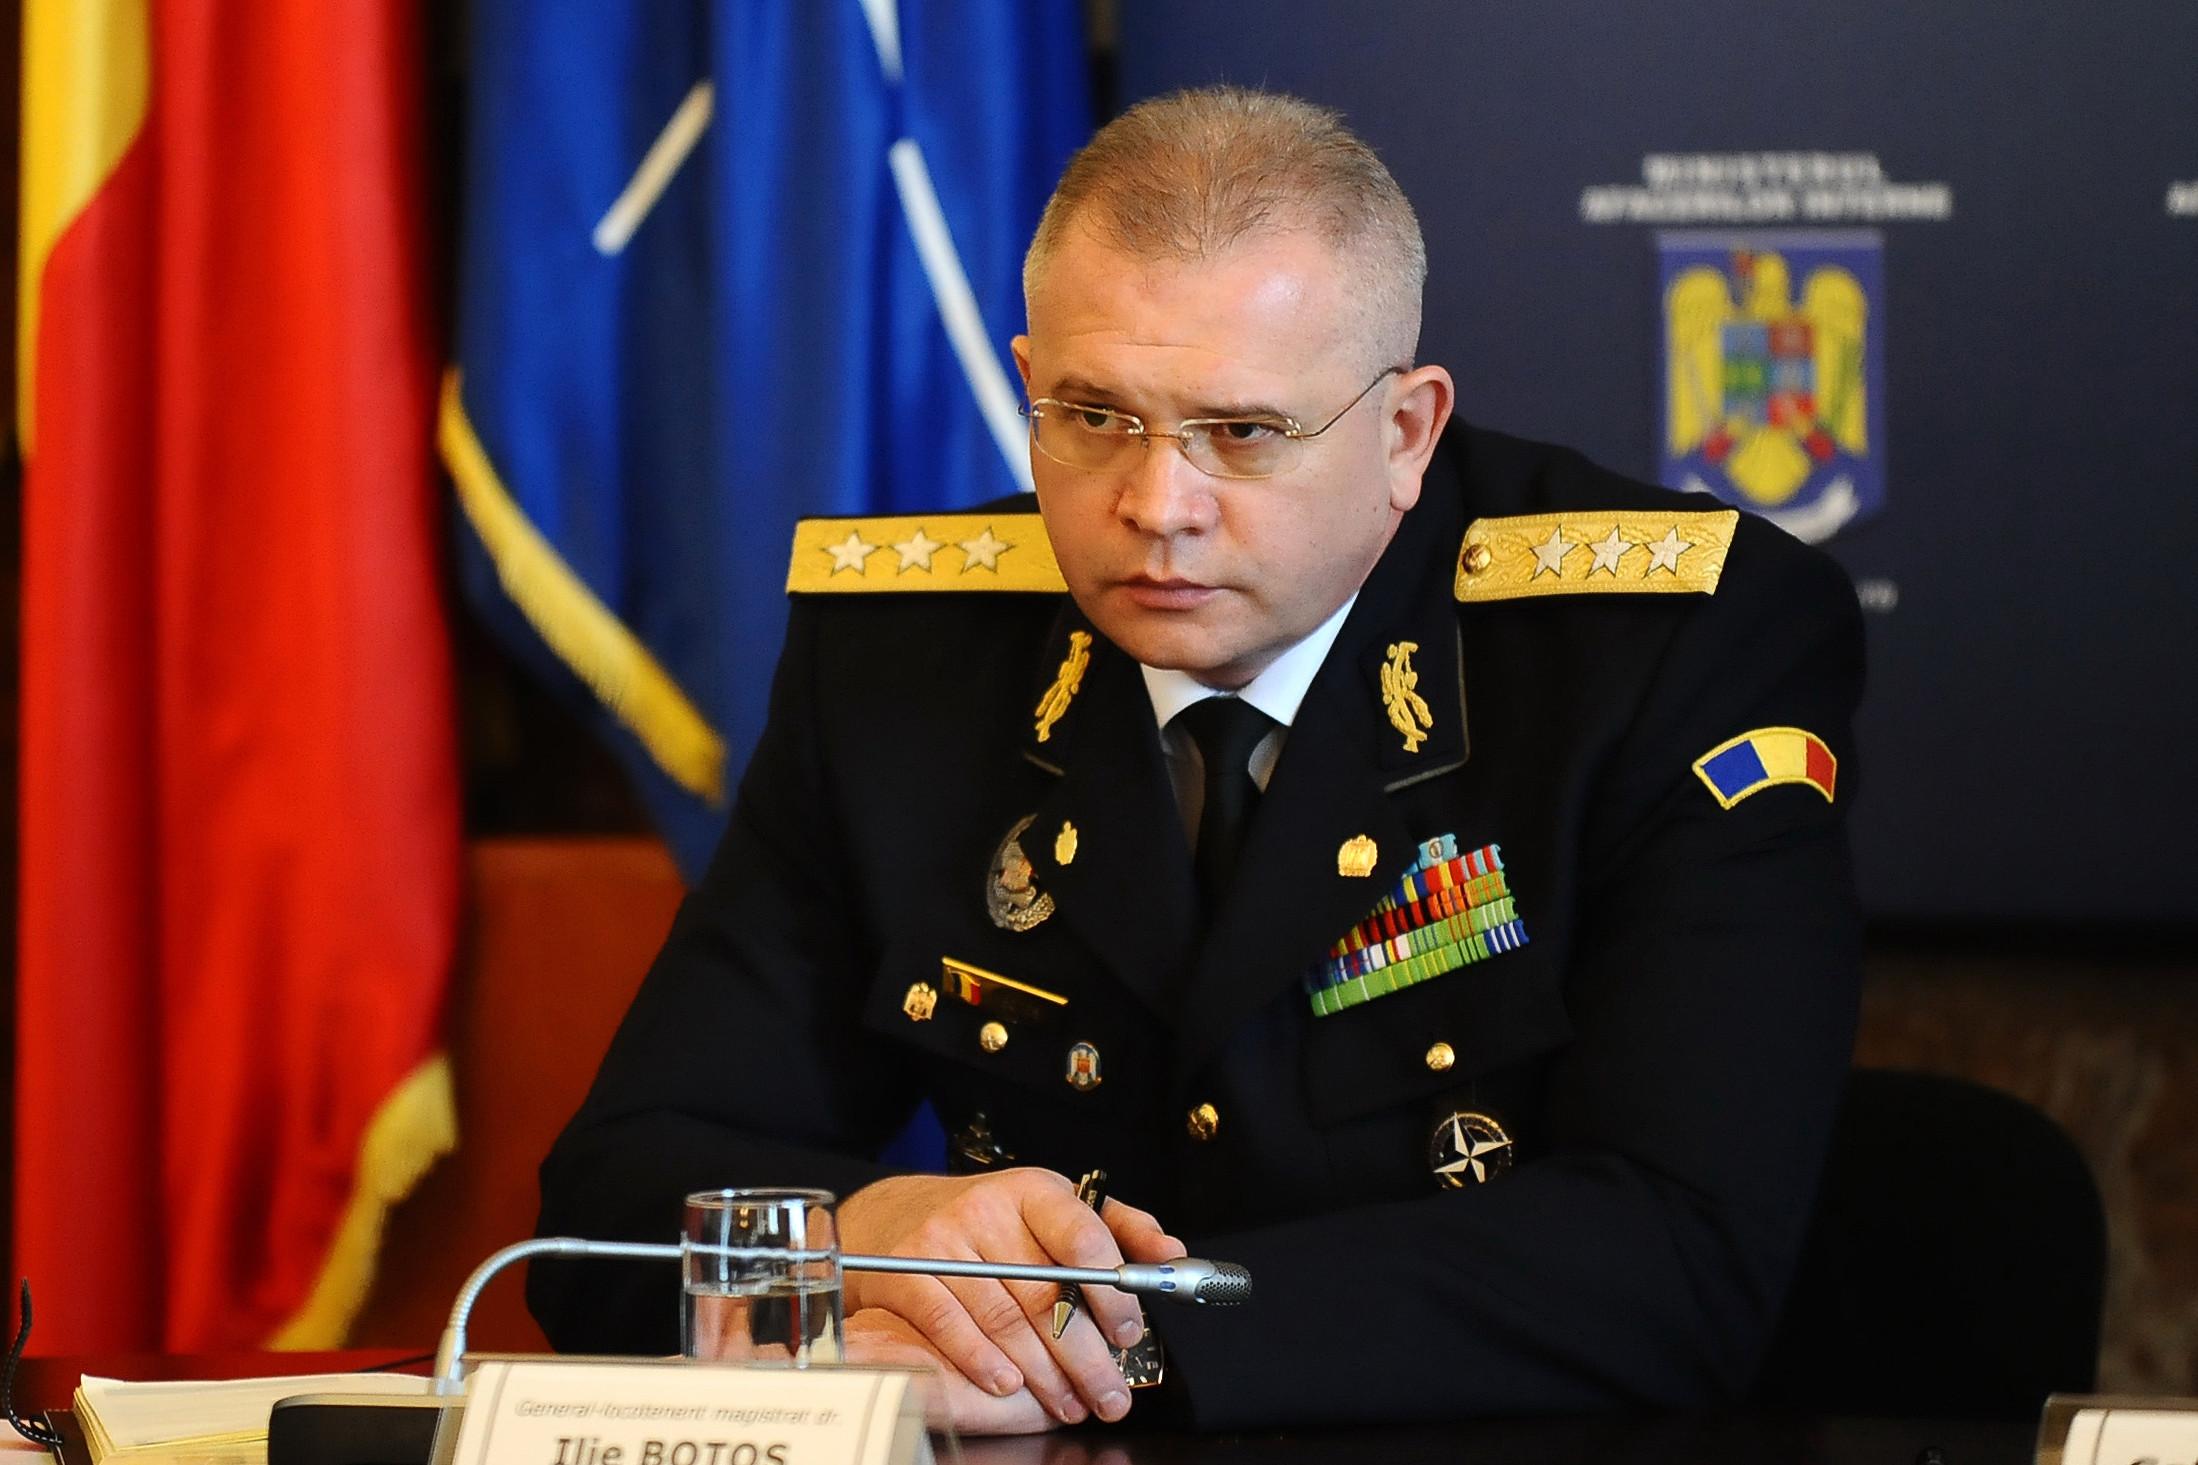 Exclusiv. Ilie Botoș: Generalii Nuță și Mihalea au fost asasinați! Un document ascuns lămurește misterul (II)